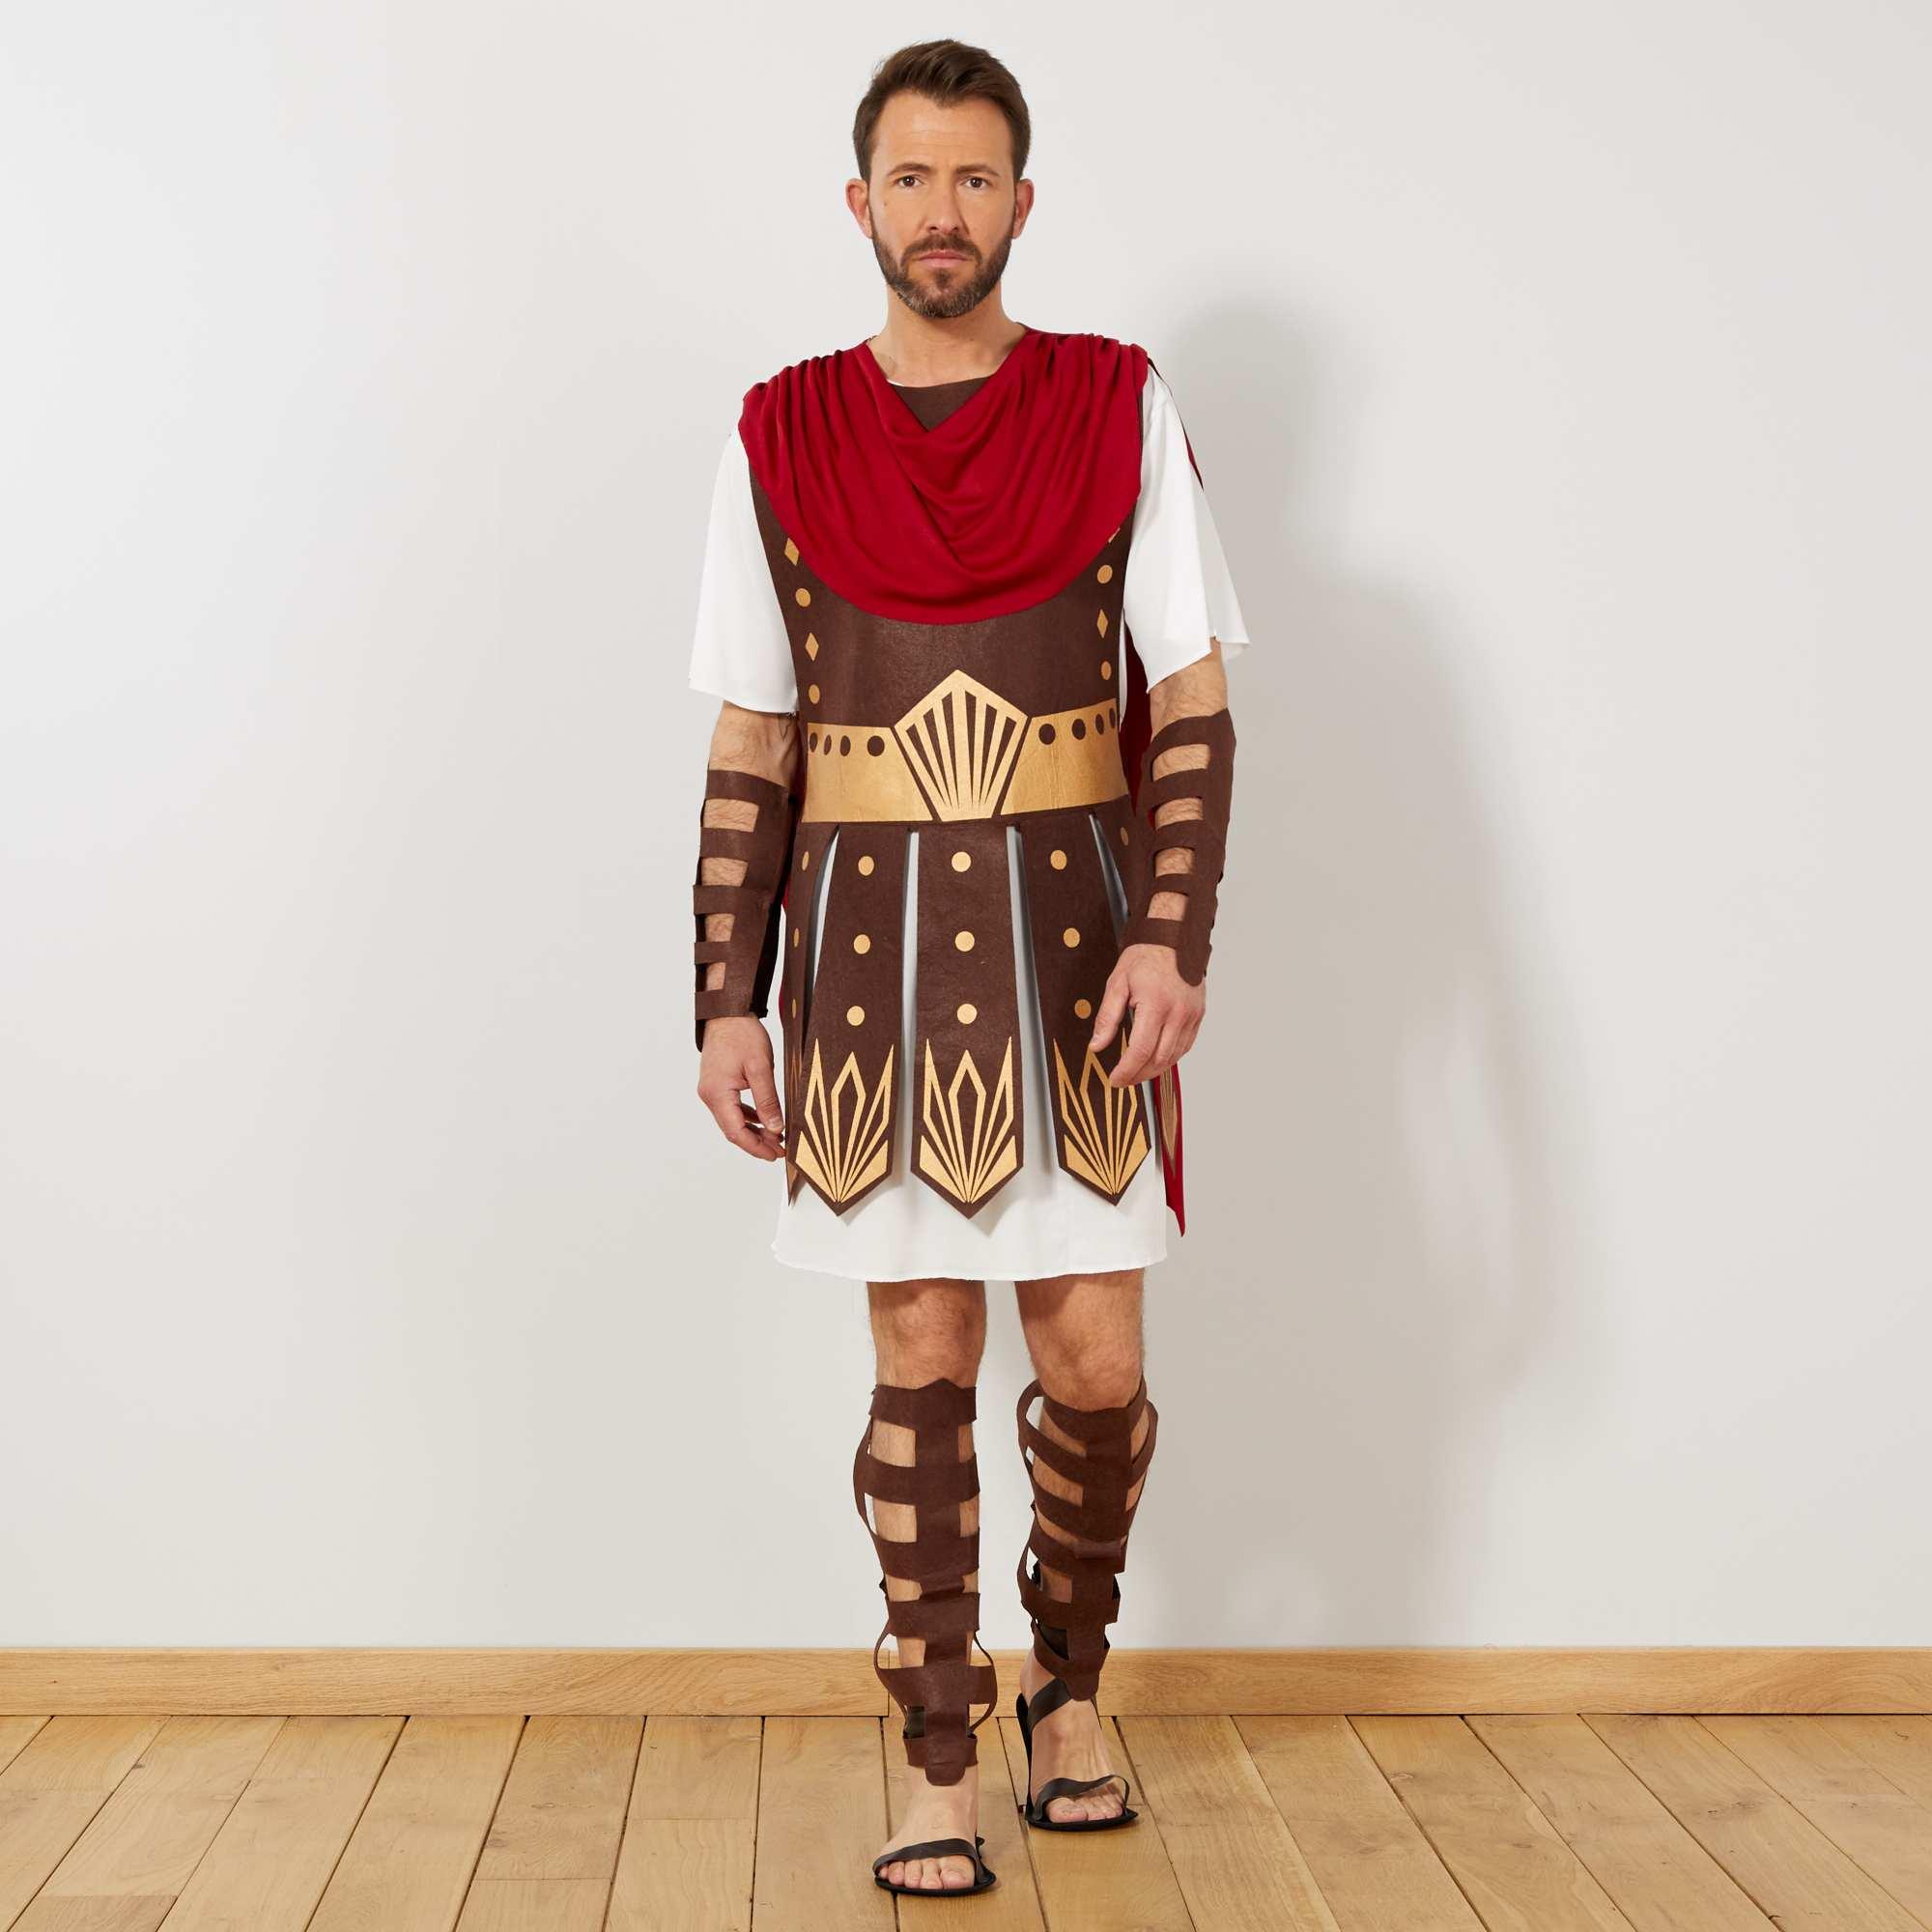 d guisement de gladiateur homme rouge blanc kiabi 25 00. Black Bedroom Furniture Sets. Home Design Ideas